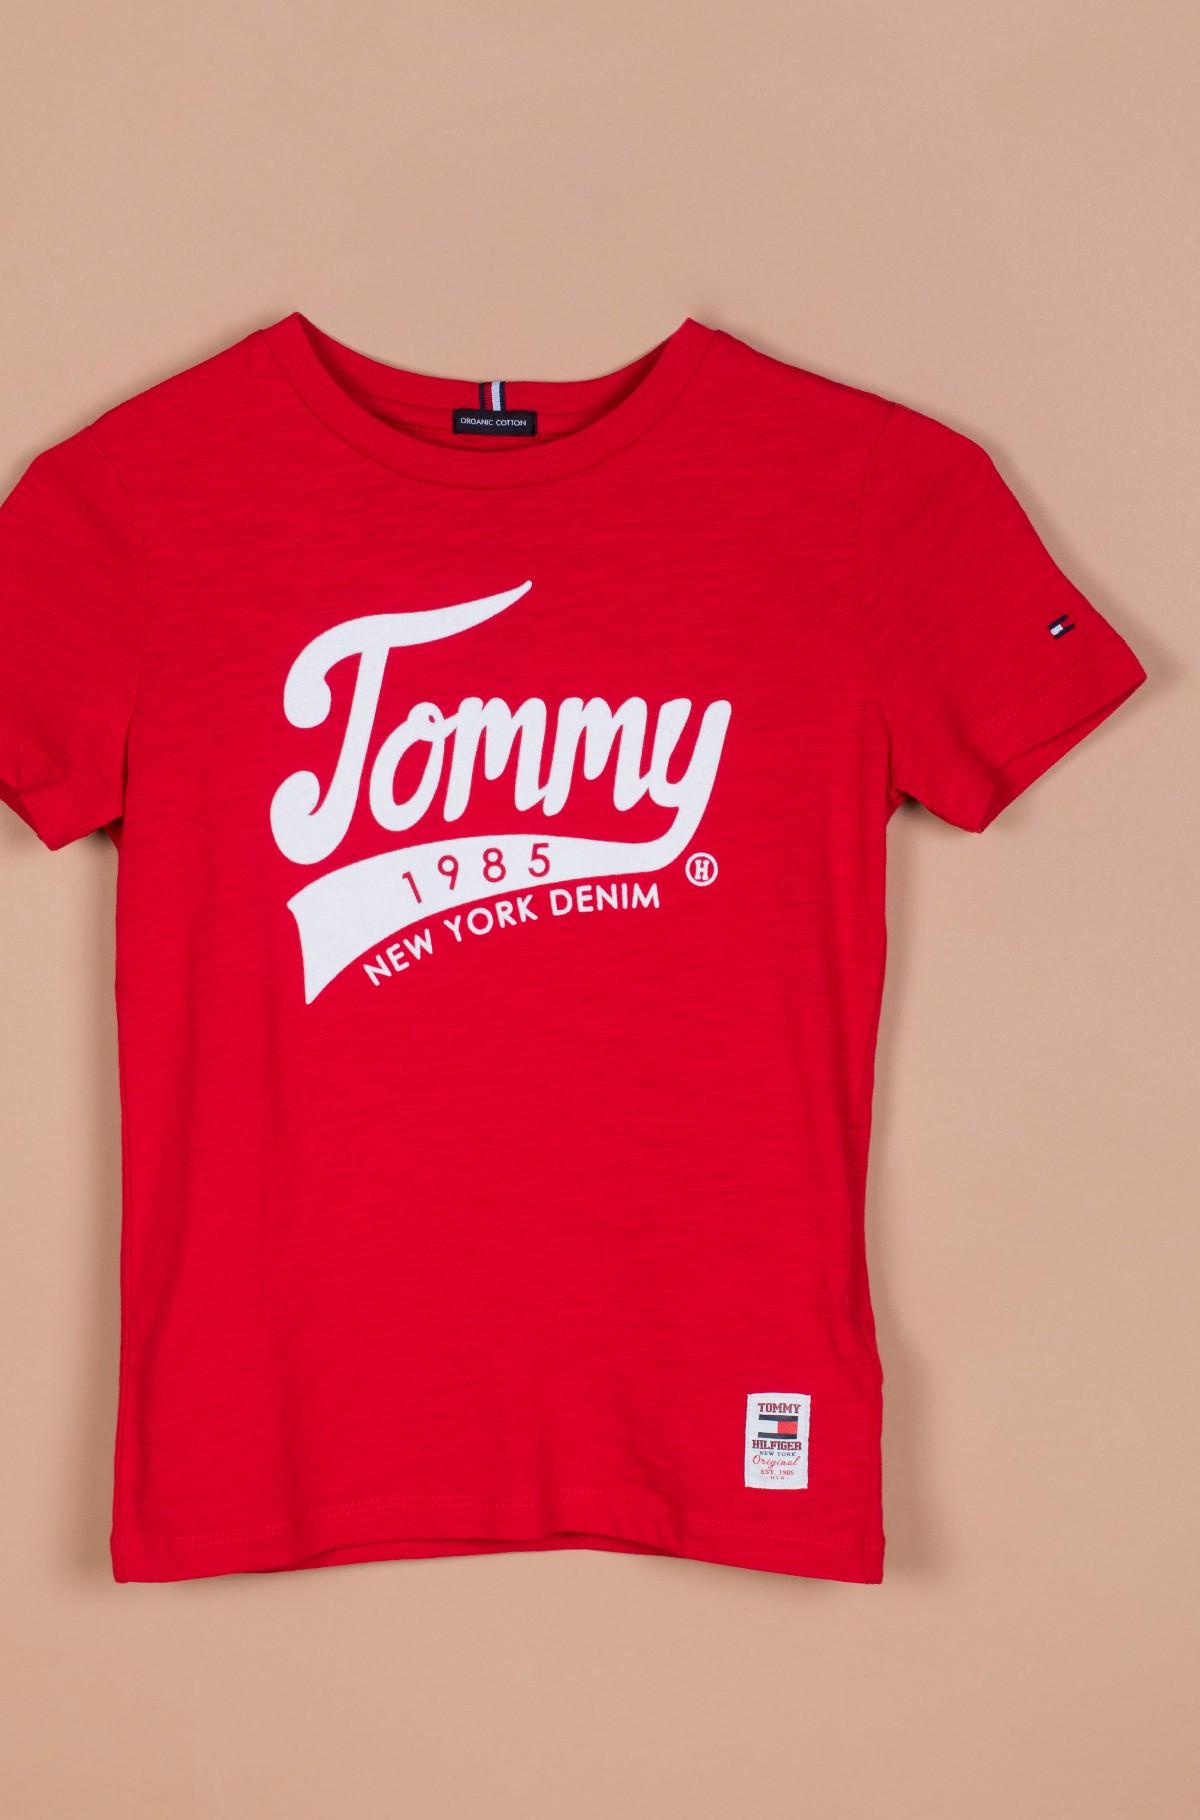 Vaikiški marškinėliai trumpomis rankovėmis TOMMY 1985 TEE S/S-full-1